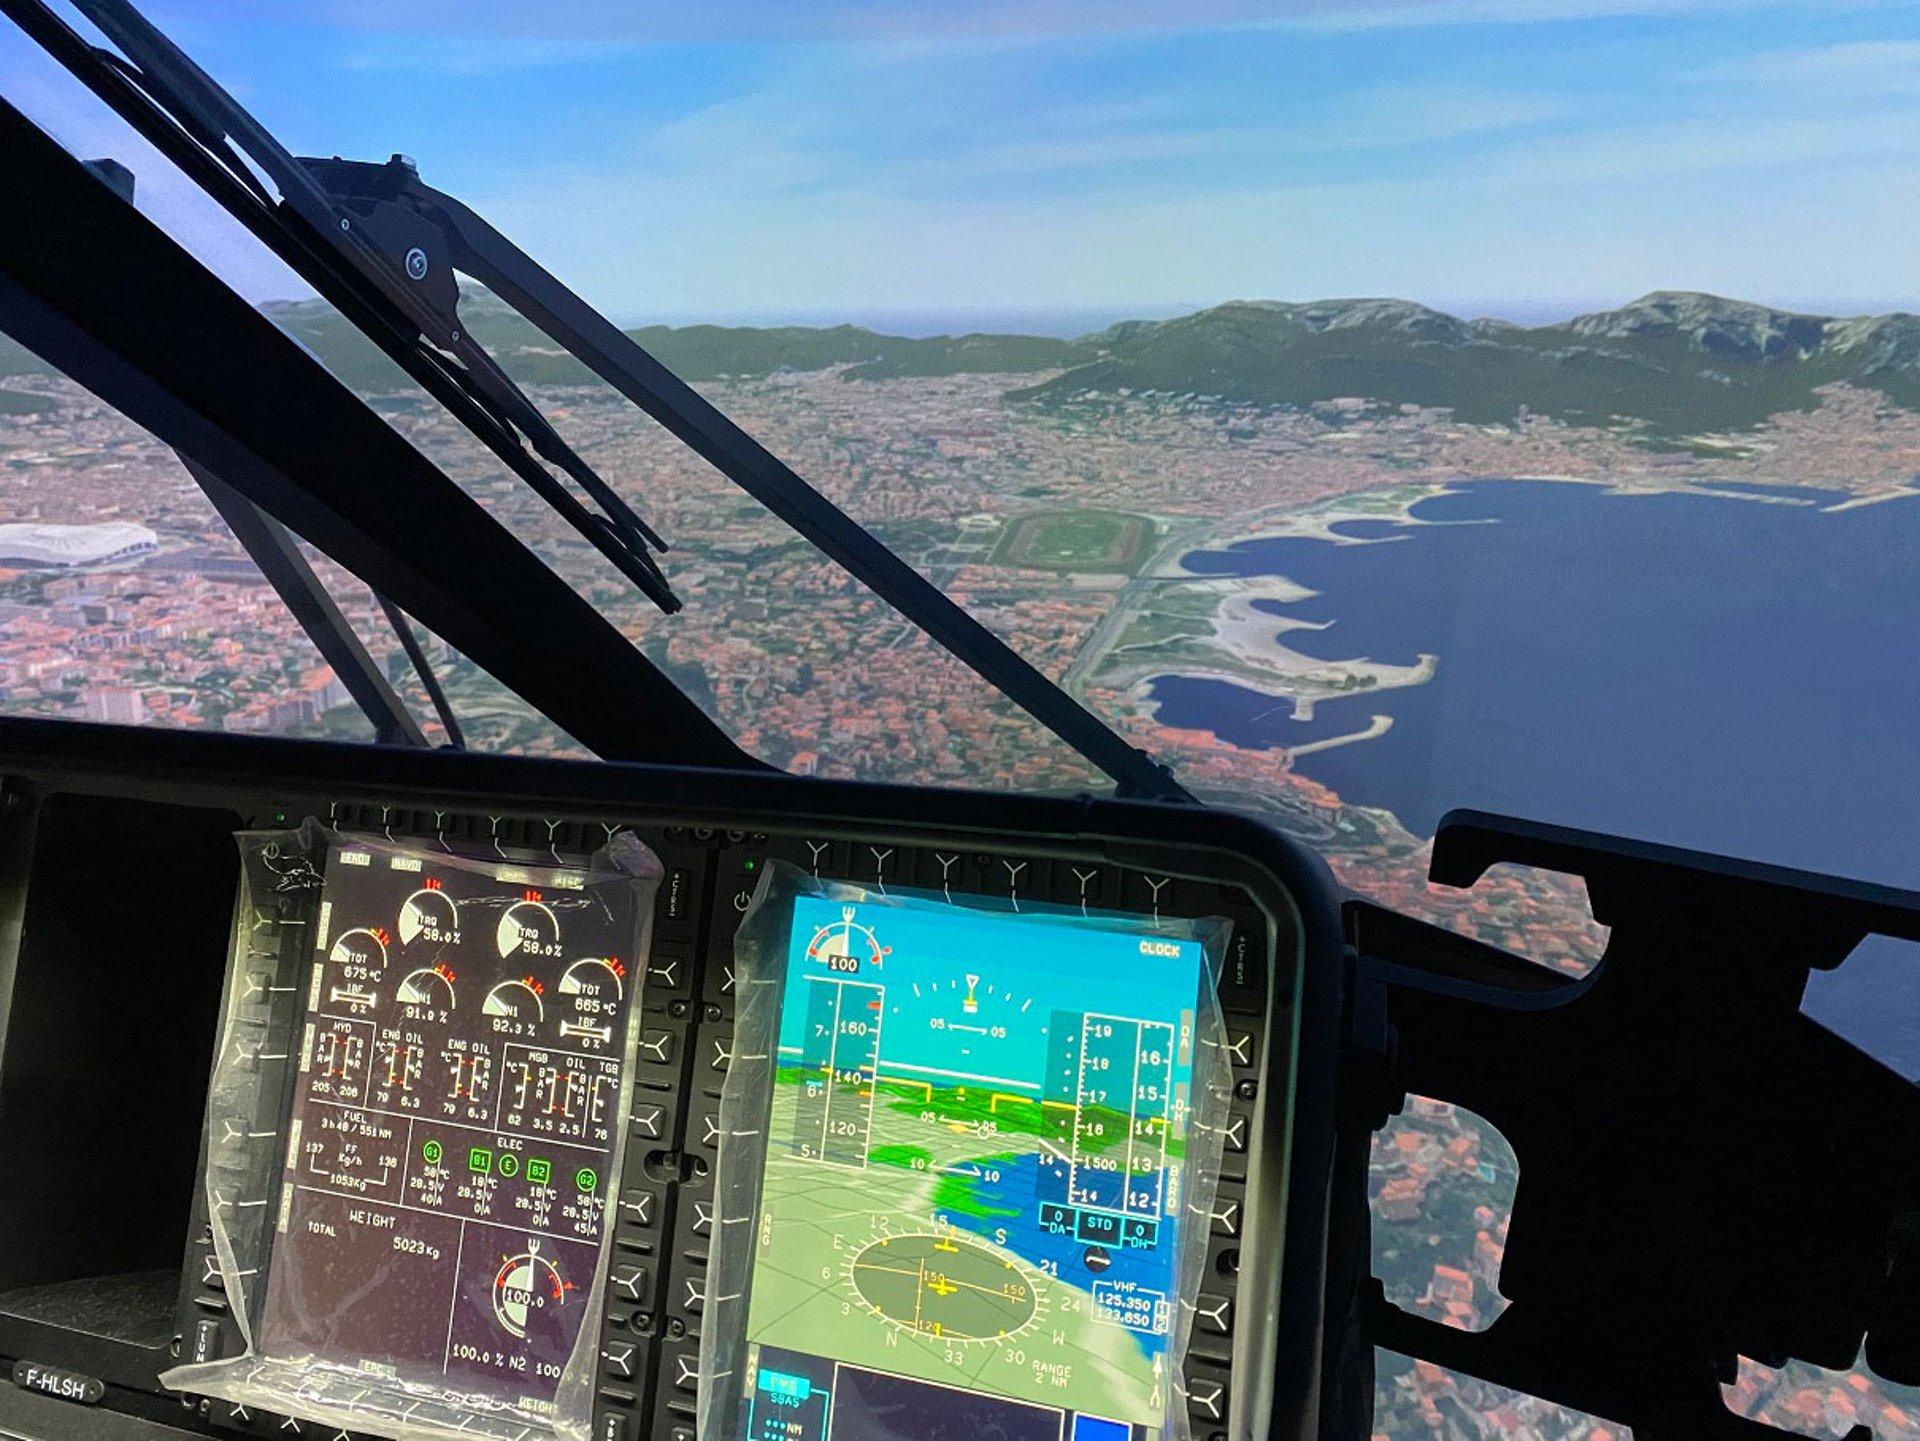 H160旋翼飞机的完整飞行模拟器是空客直升机公司、泰利斯公司和Helisim公司合作开发的乐动体育app靠谱吗